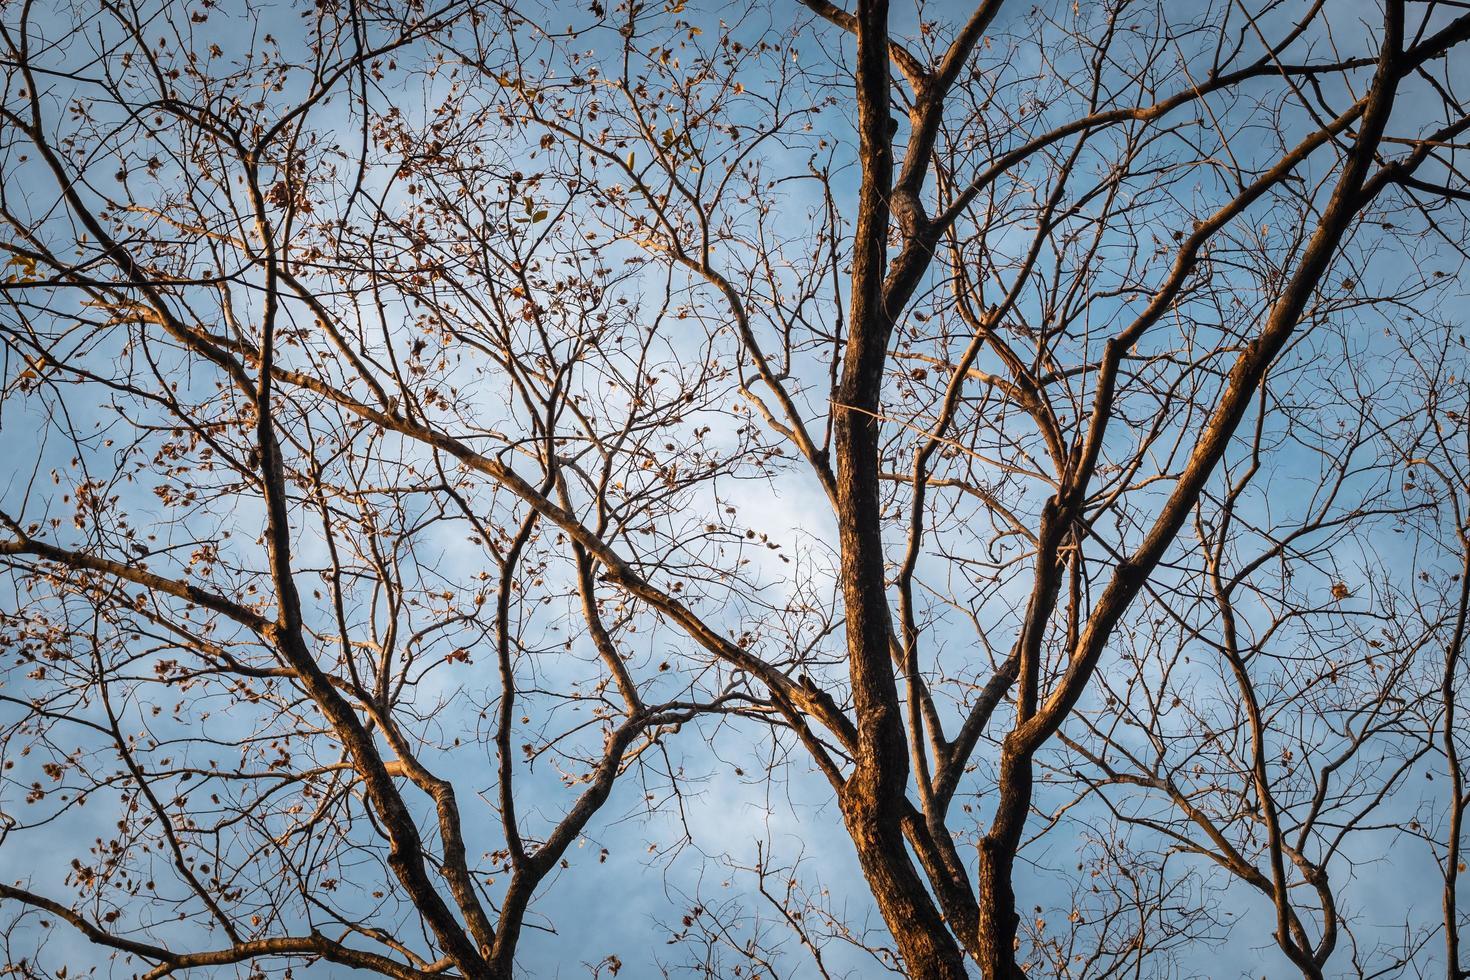 branche d'arbre sur ciel bleu d'hiver photo